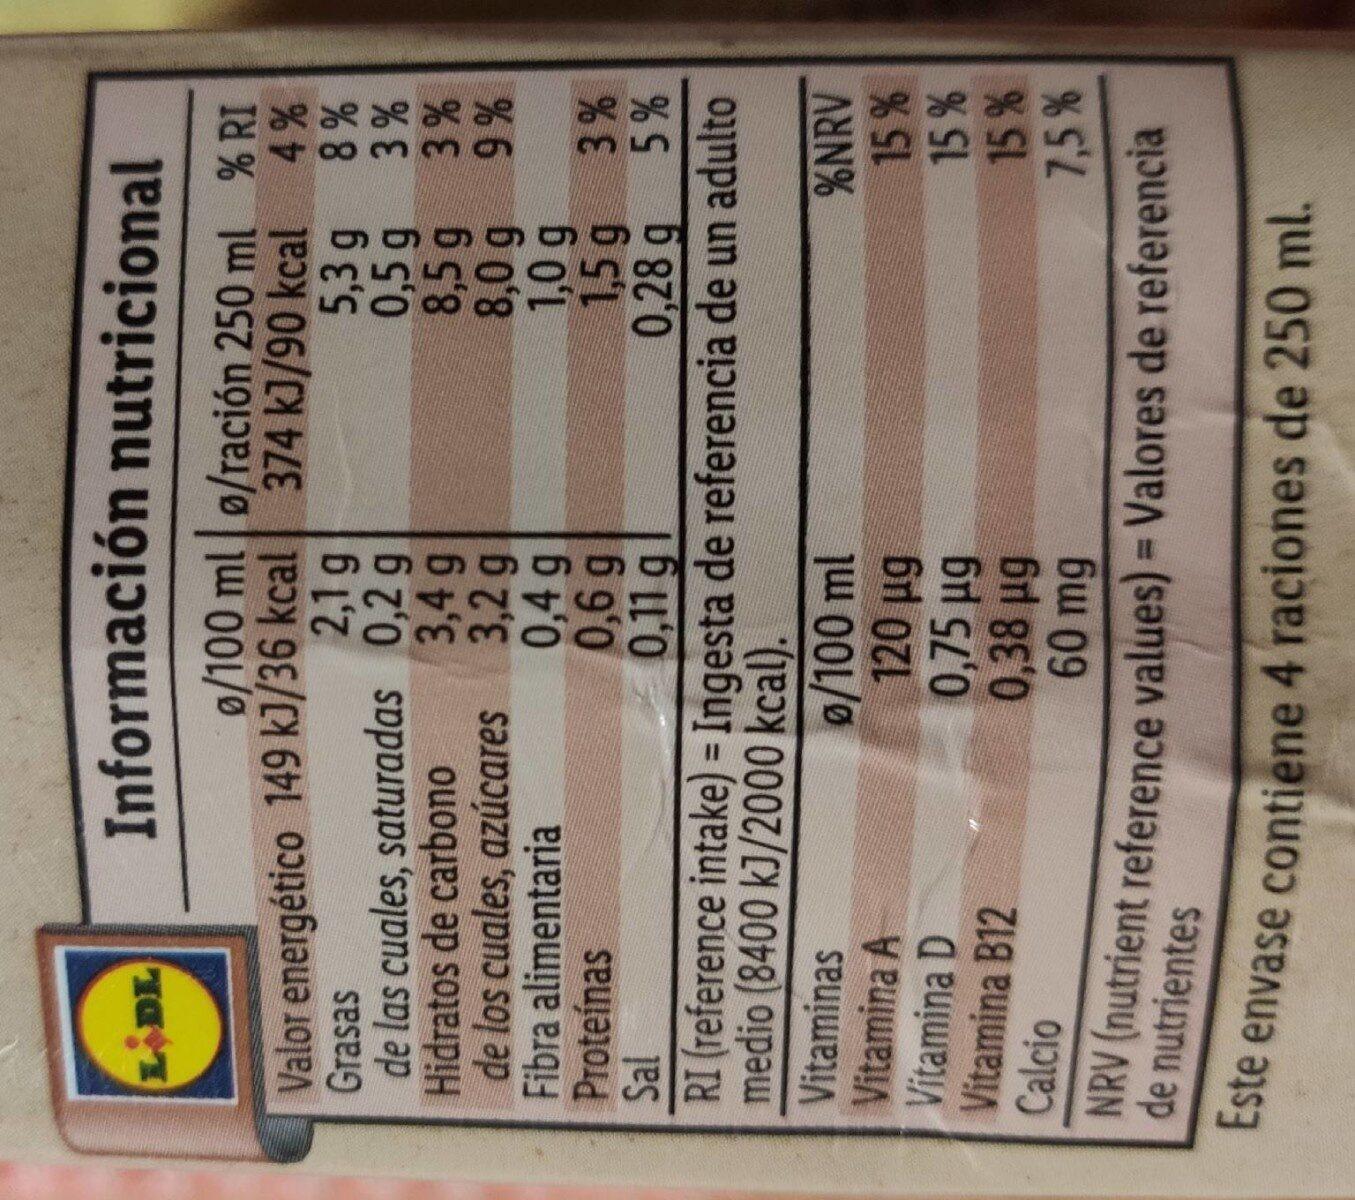 Hazelnuts Milk - Nutrition facts - es